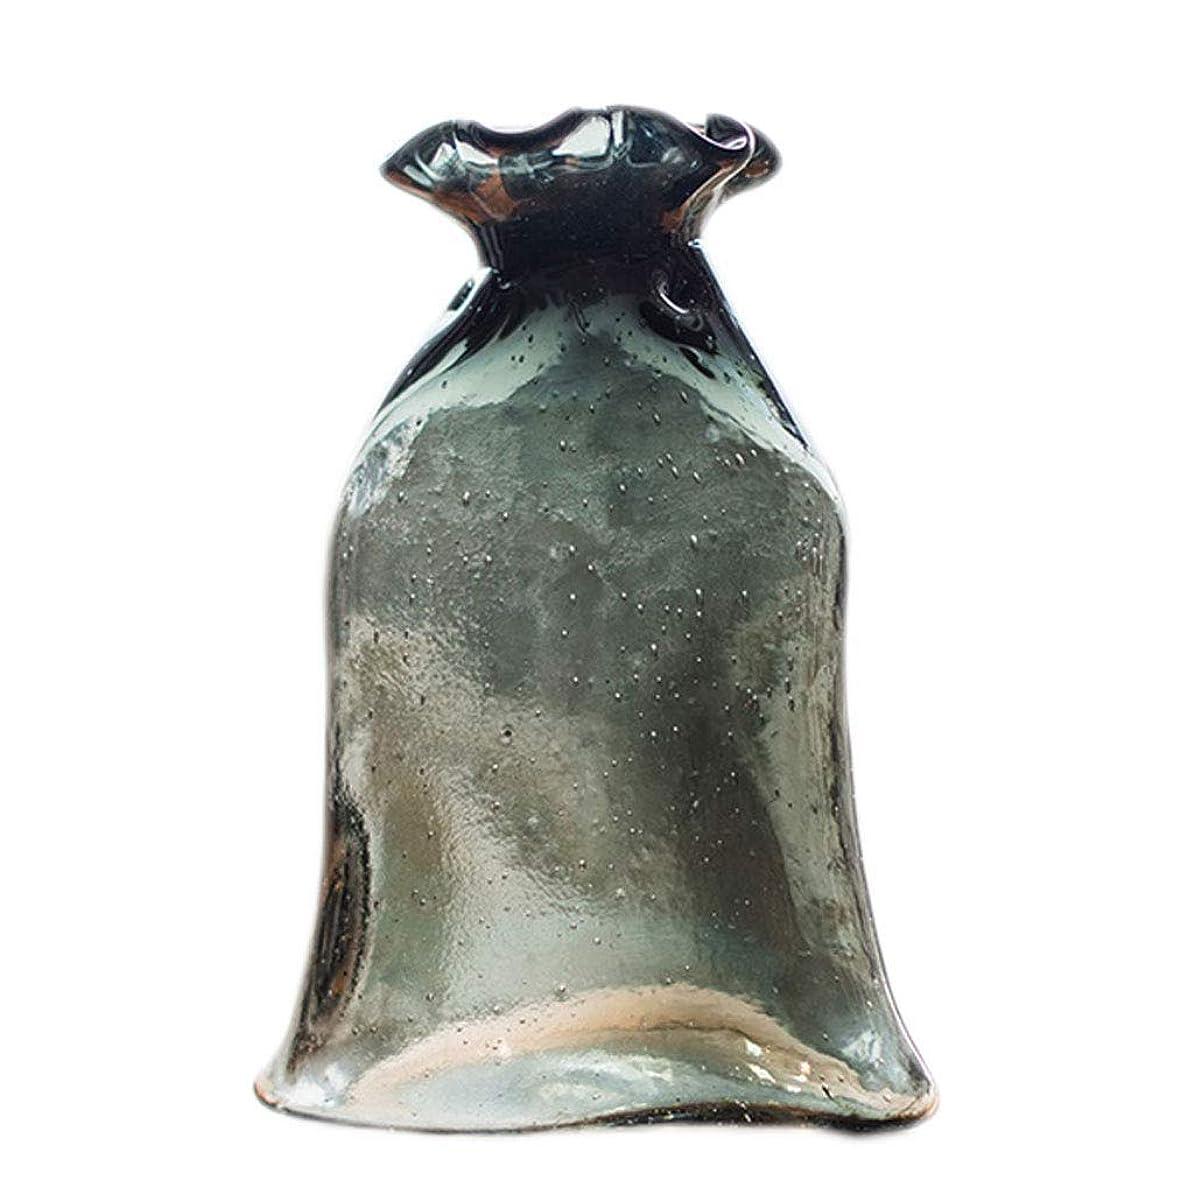 電話に出るコンピューターを使用する困惑花瓶 現代中国のフラワーアレンジメント磁器ボトル工芸Motivationcreativeシンプル花瓶セラミッククラック緑釉オープニングセラミック インテリア フラワーベース